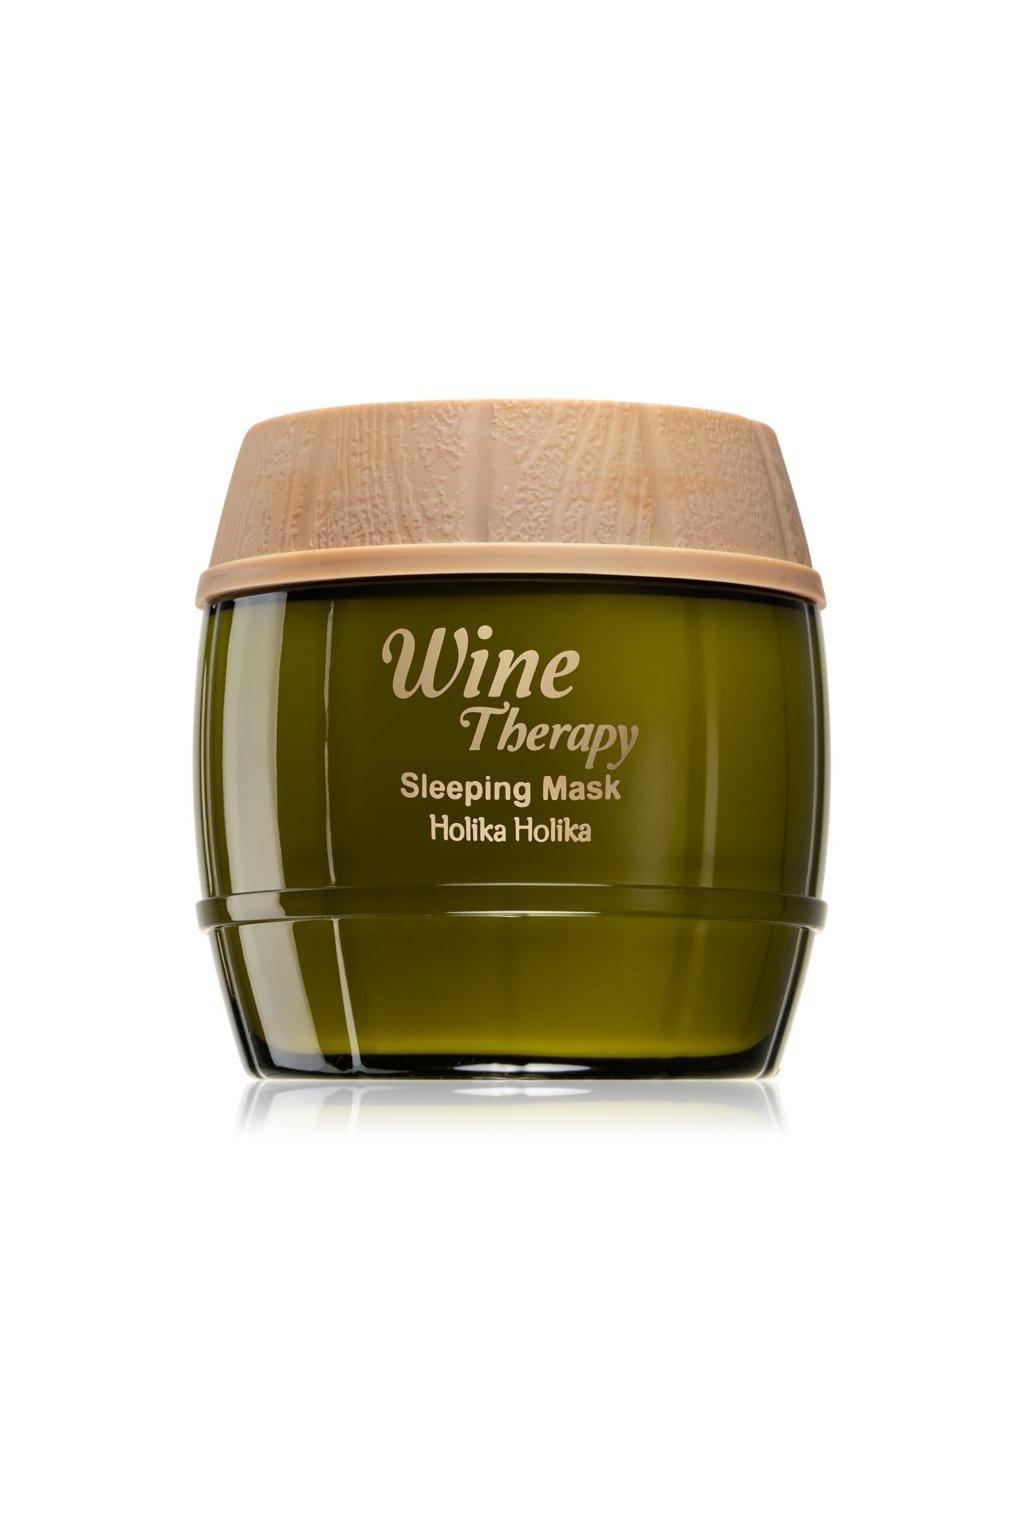 holika holika wine therapy nocni hydratacni maska jpg